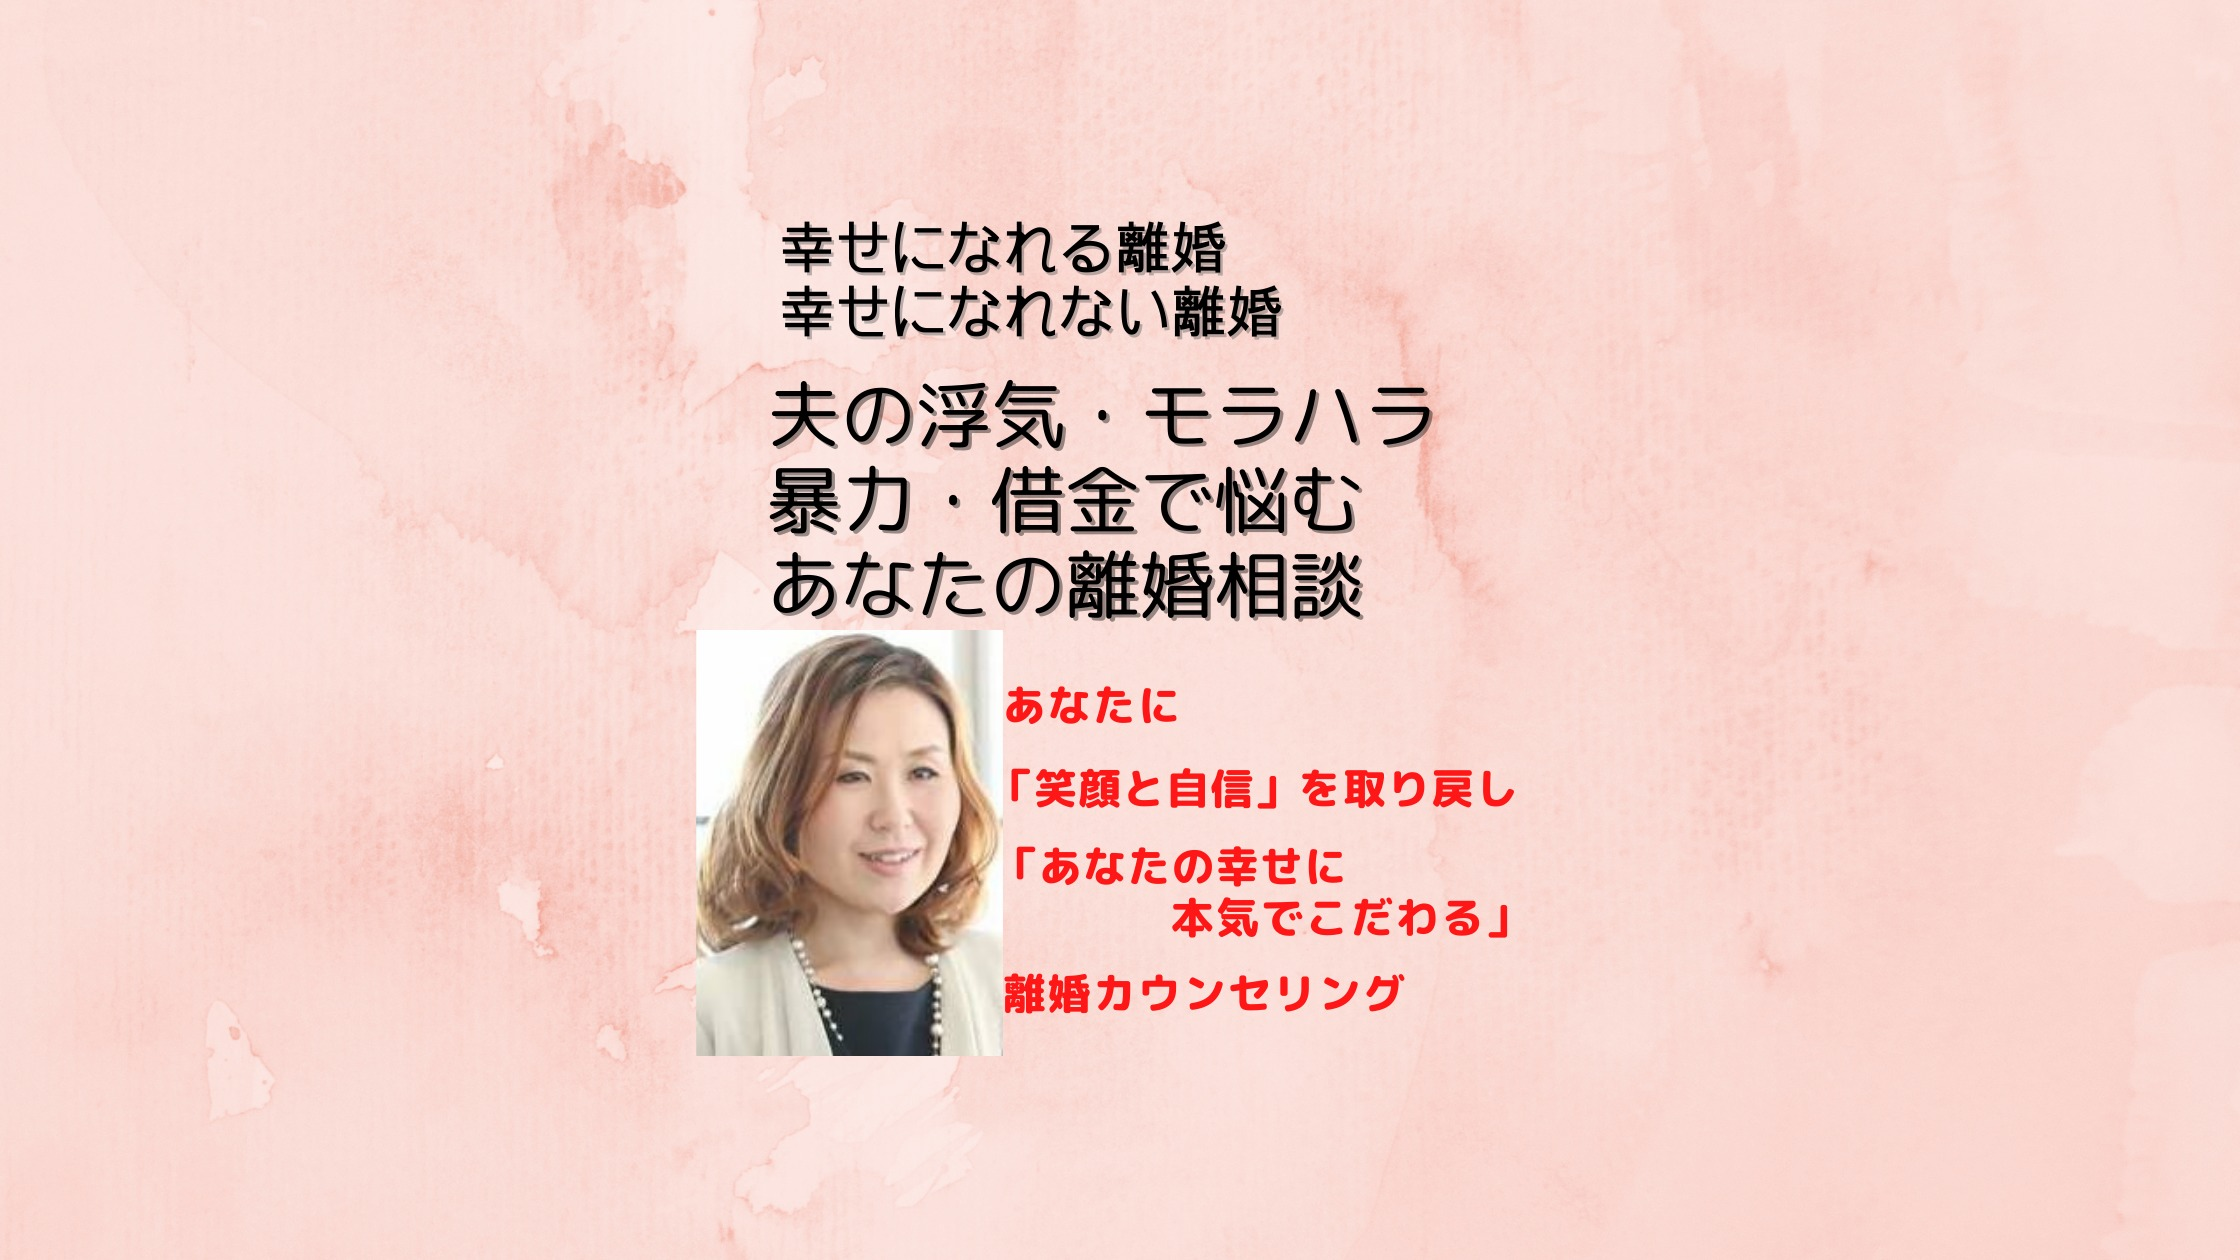 離婚相談・夫婦修復/プロの離婚カウンセラーに対面・ZOOM・電話相談/群馬県太田市